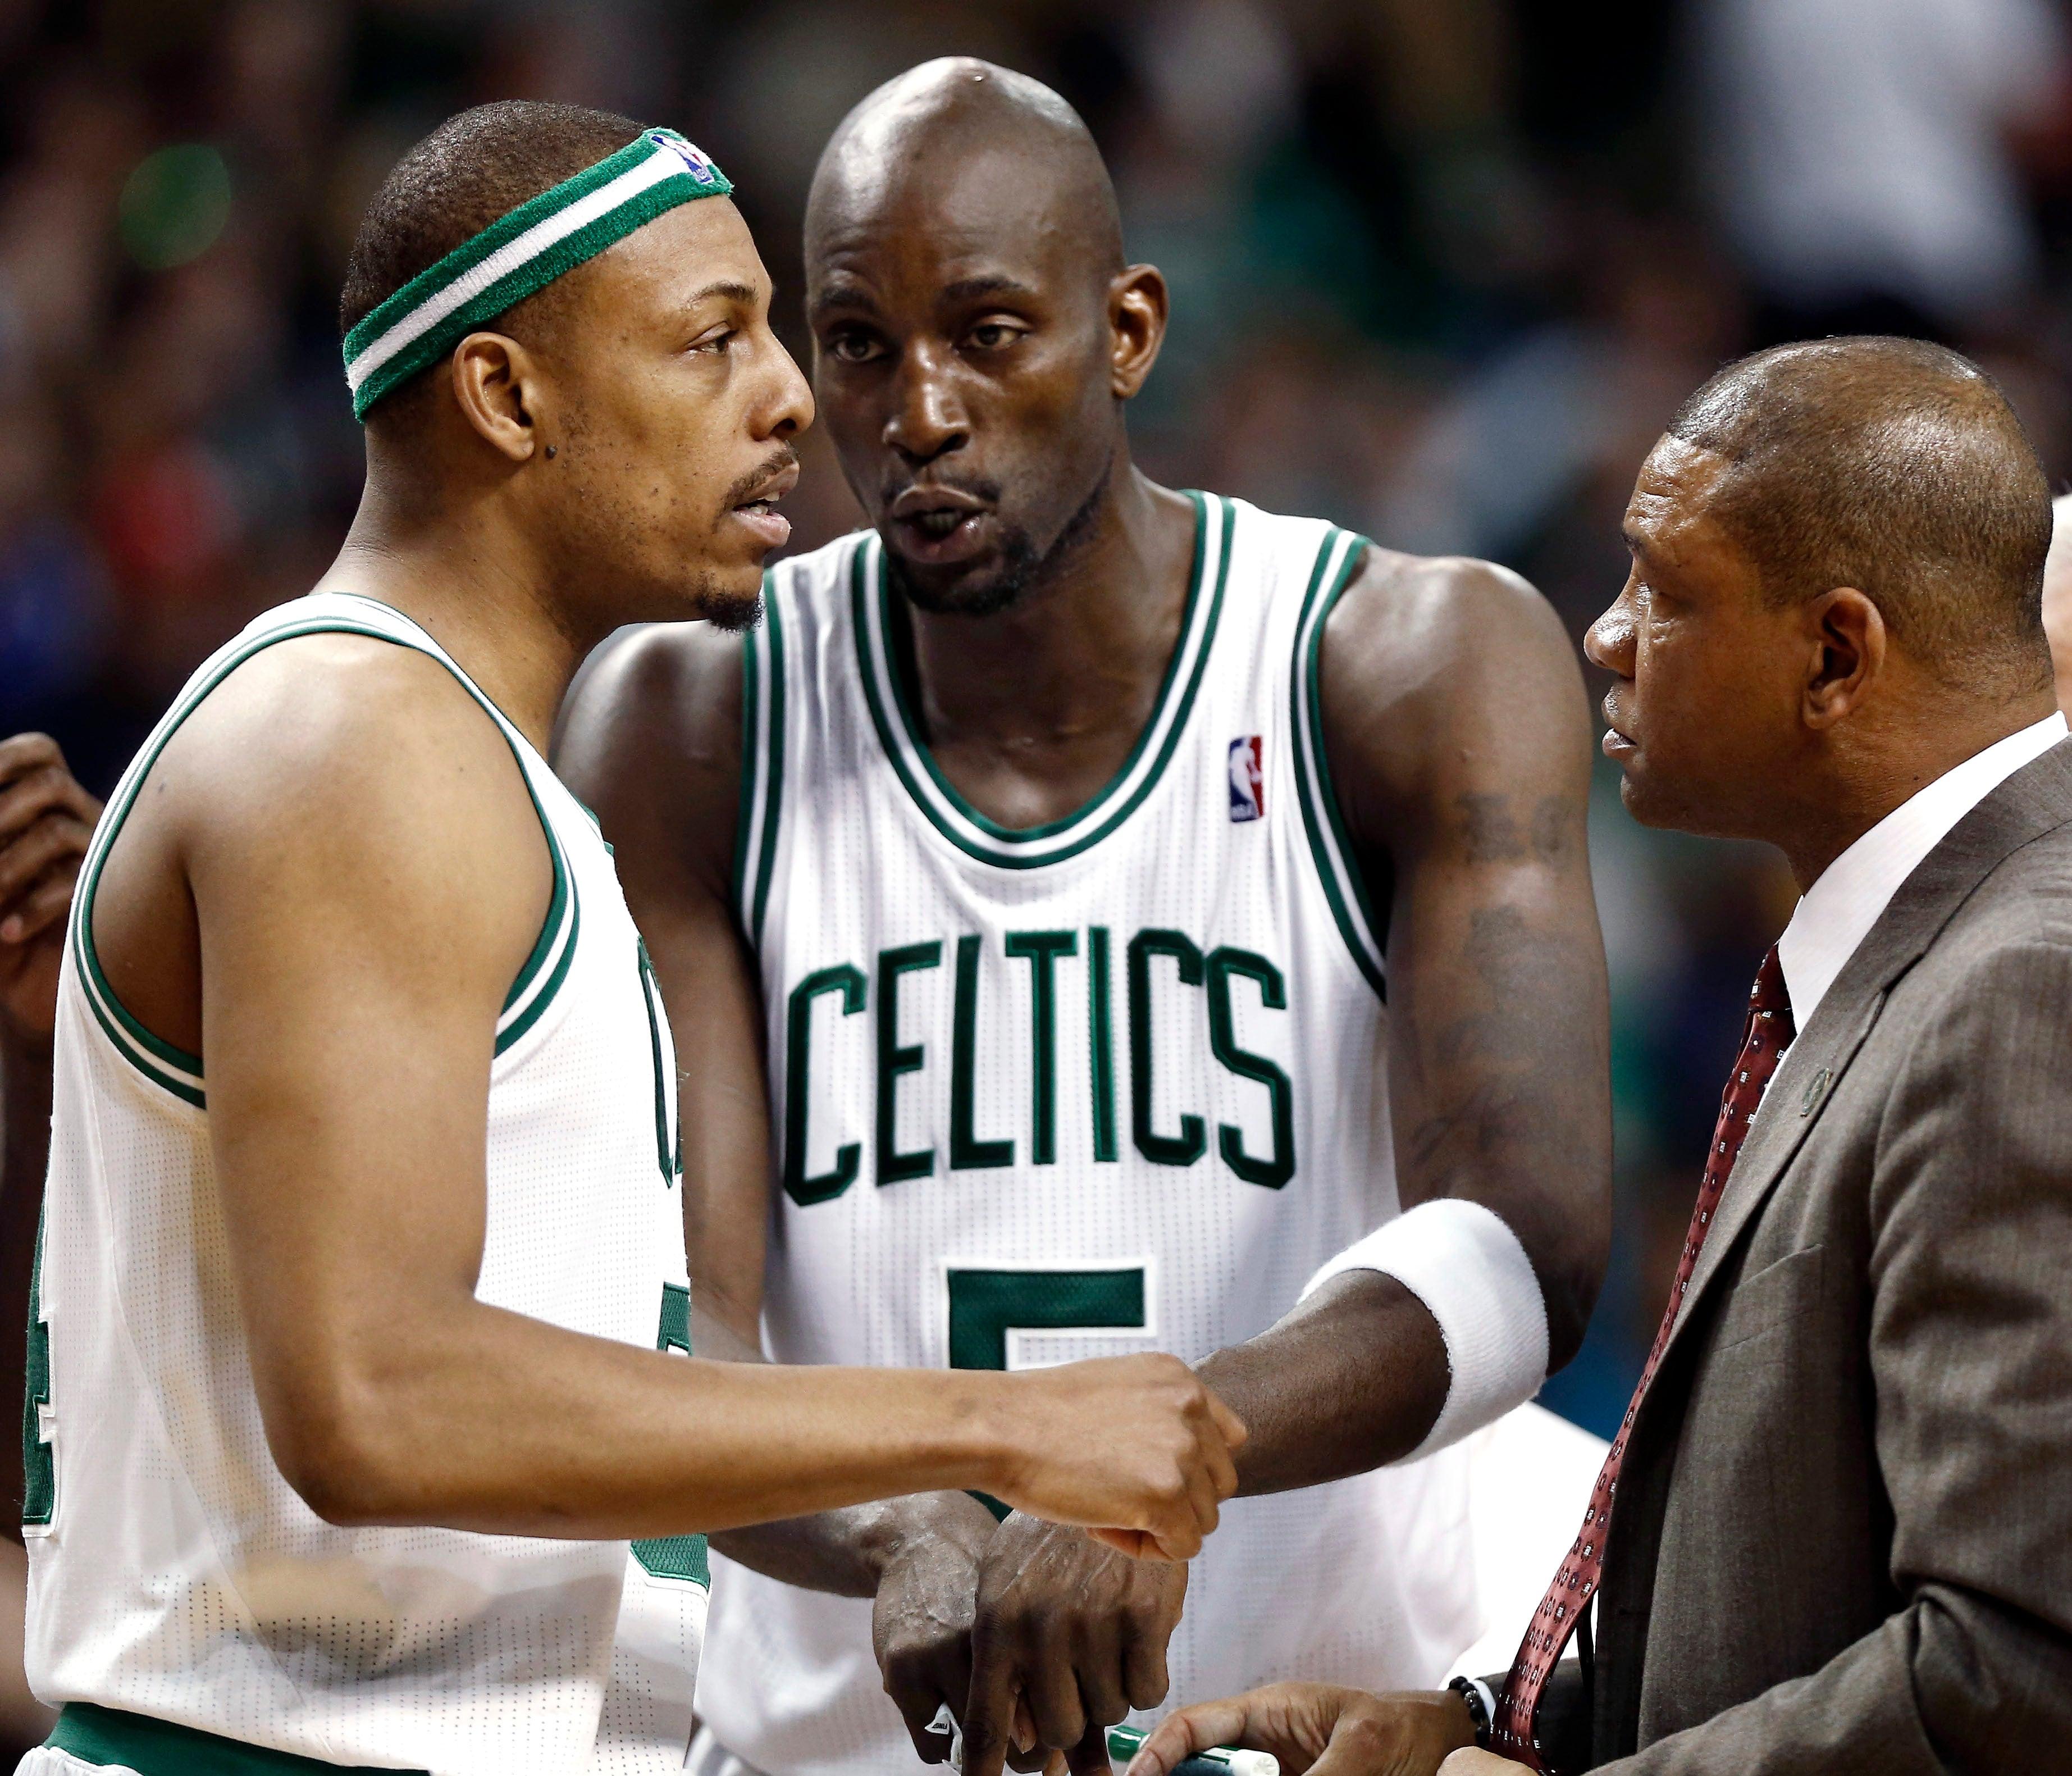 New-look Celtics Open Season